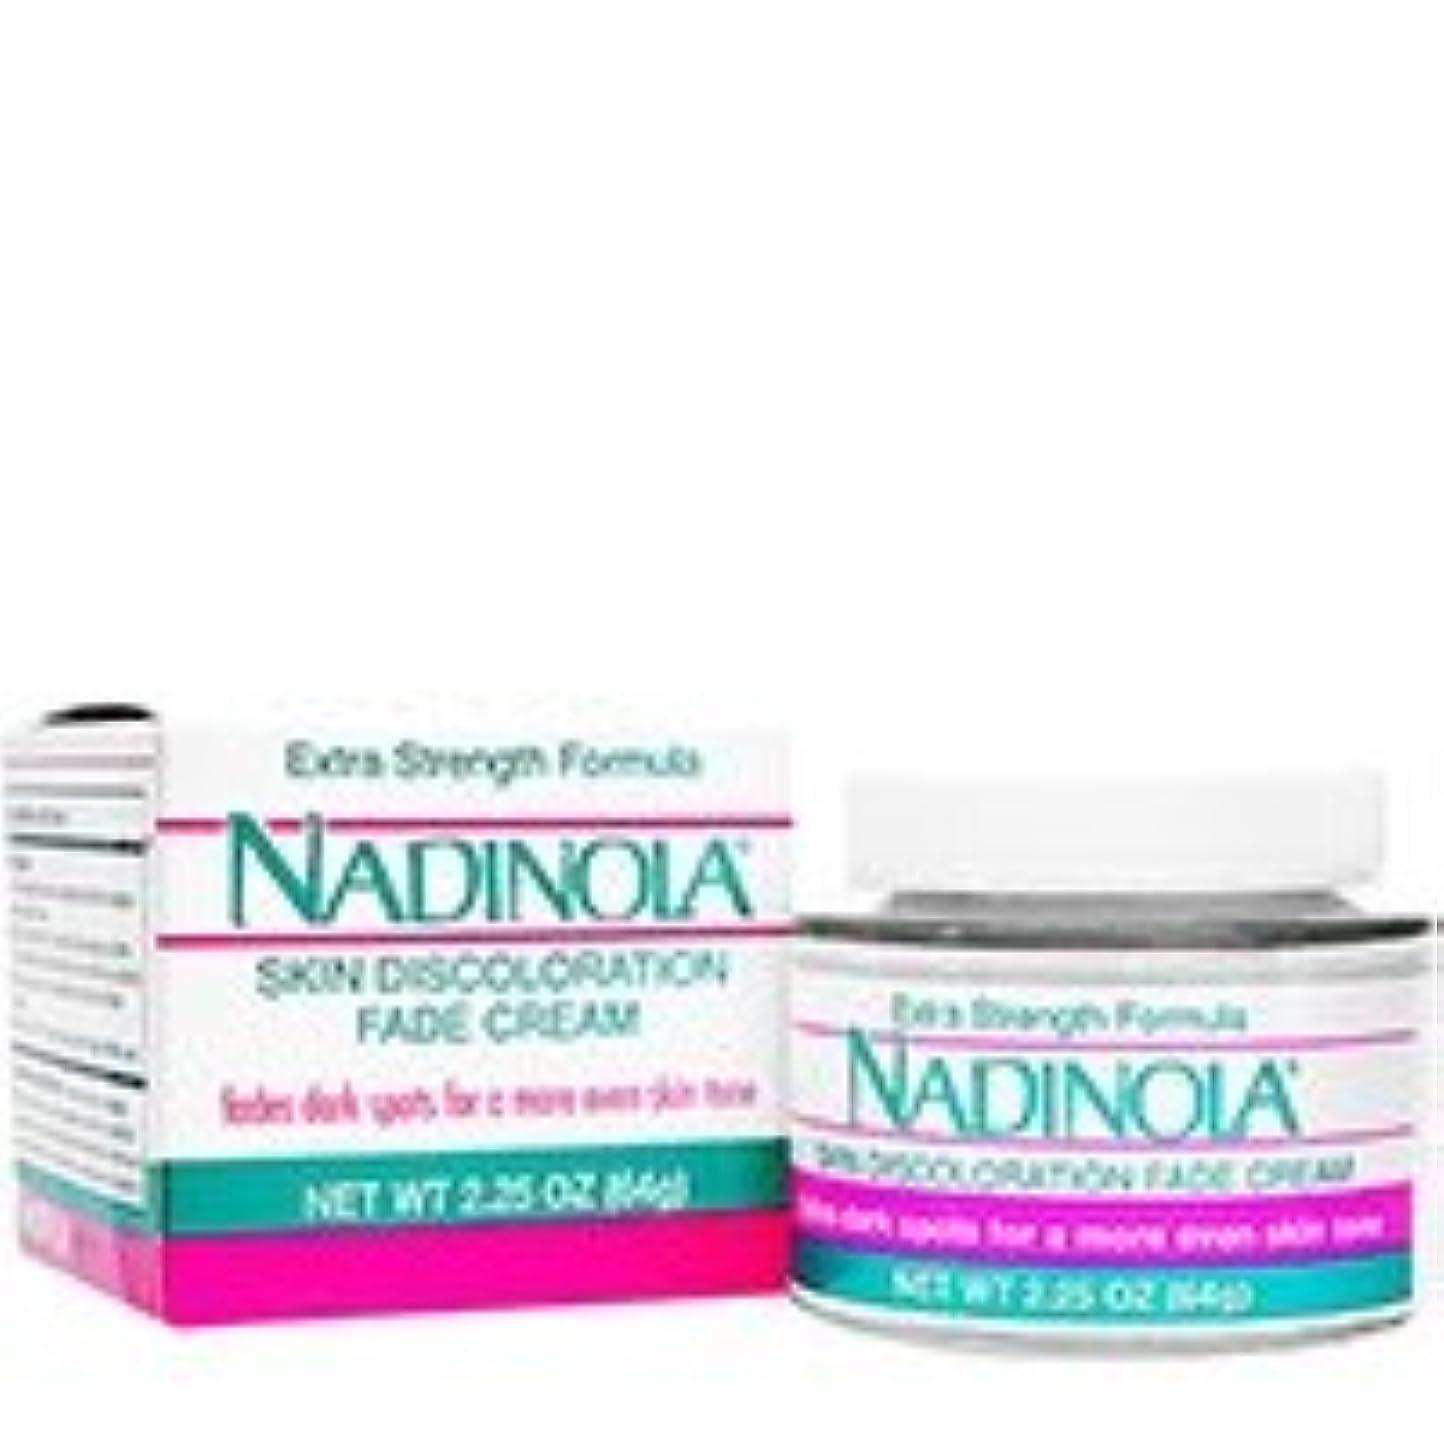 処方実際に参加するナディノラ ナディノラ 強力美白クリーム64g(10月末入荷予定) 3本